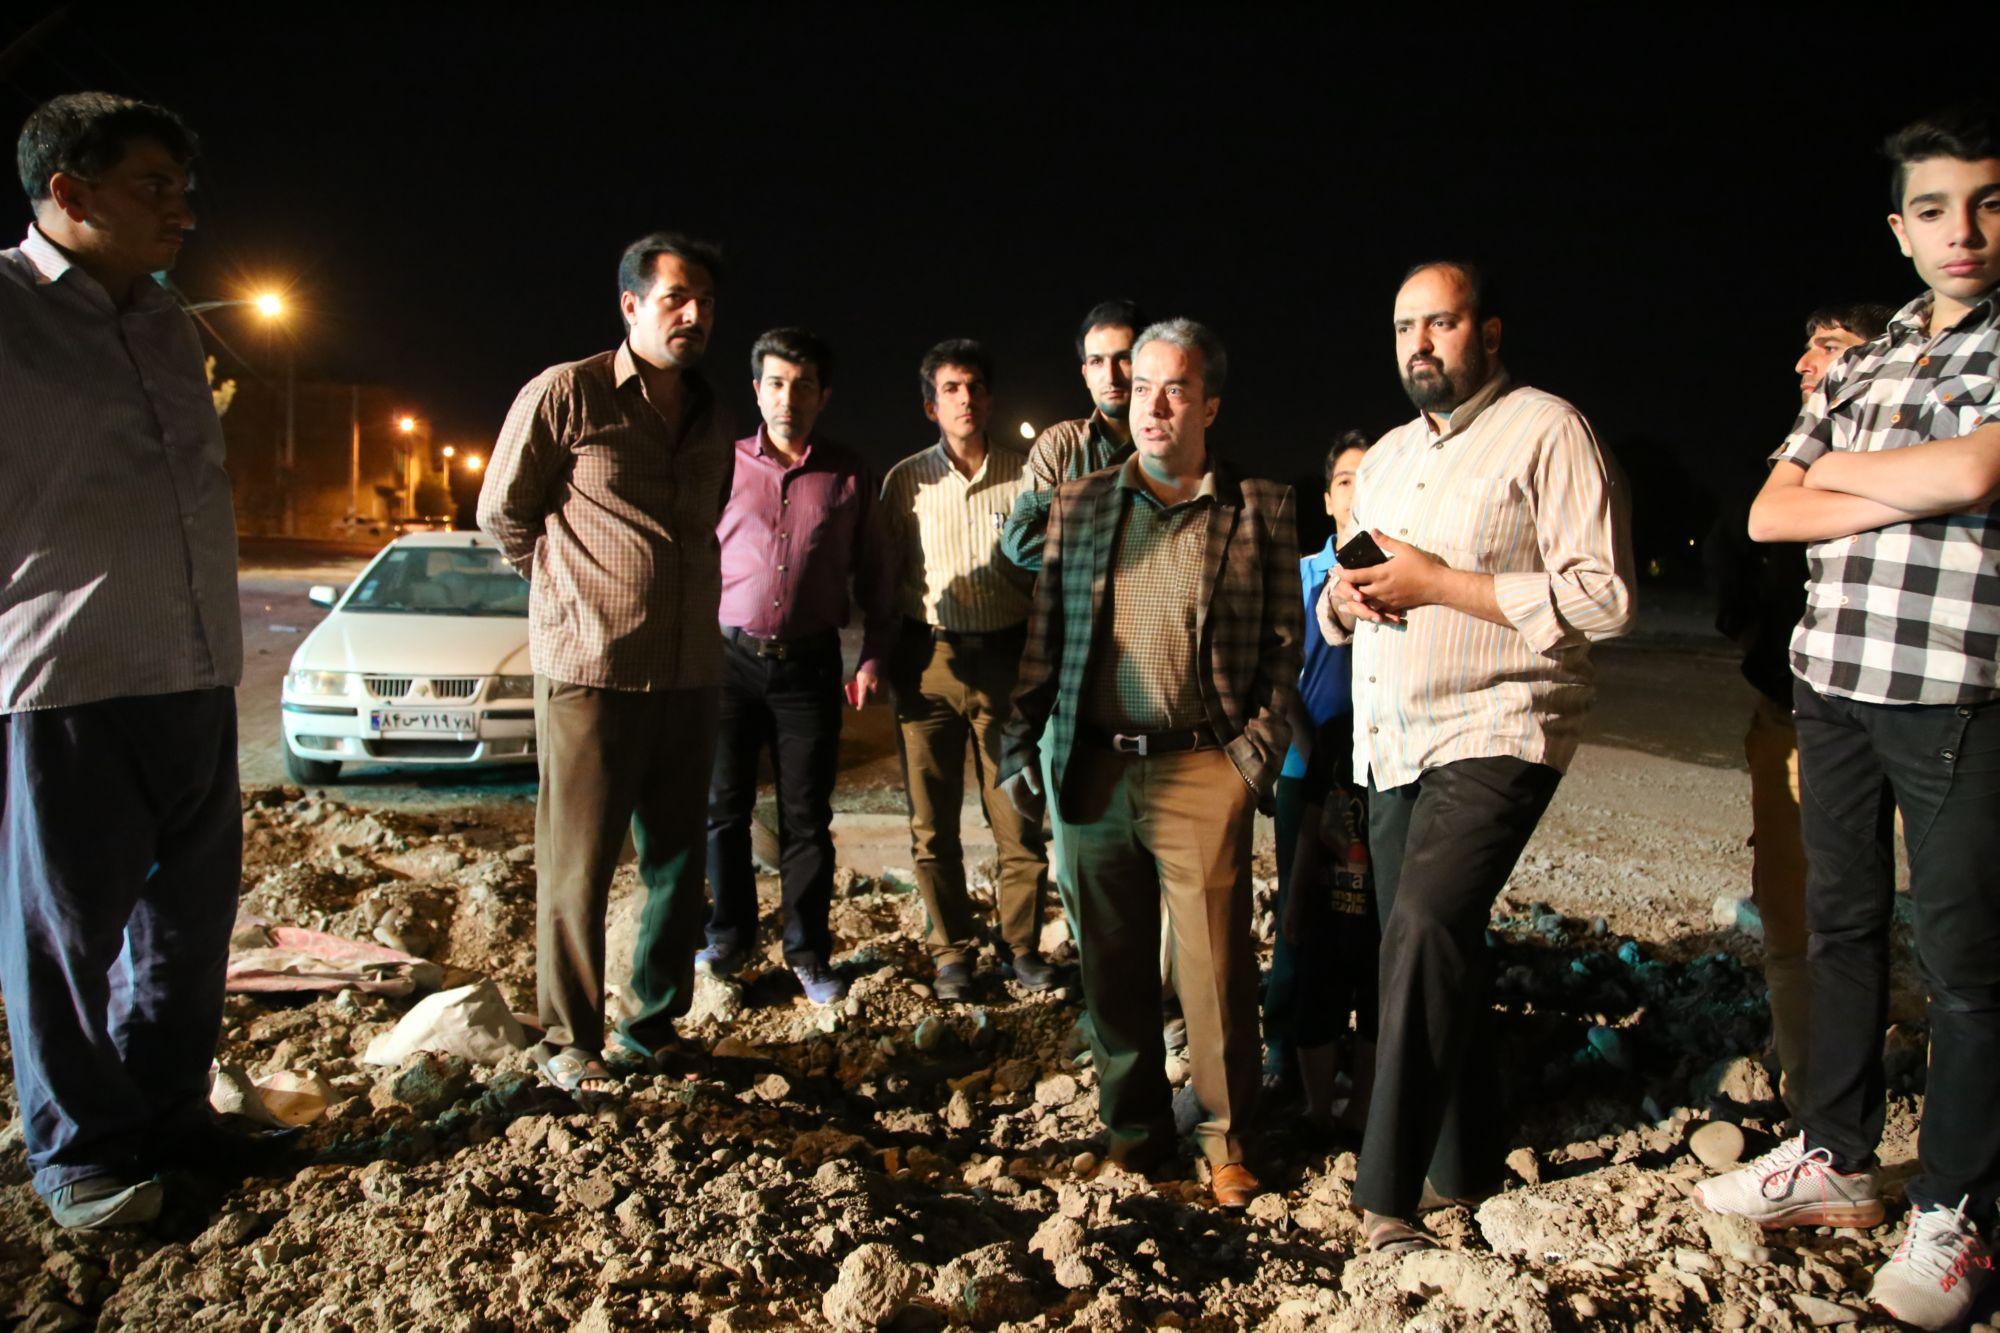 بازدید سرزده شهردار از پروژه های عمرانی در اولین ساعات بامداد روز پنج شنبه